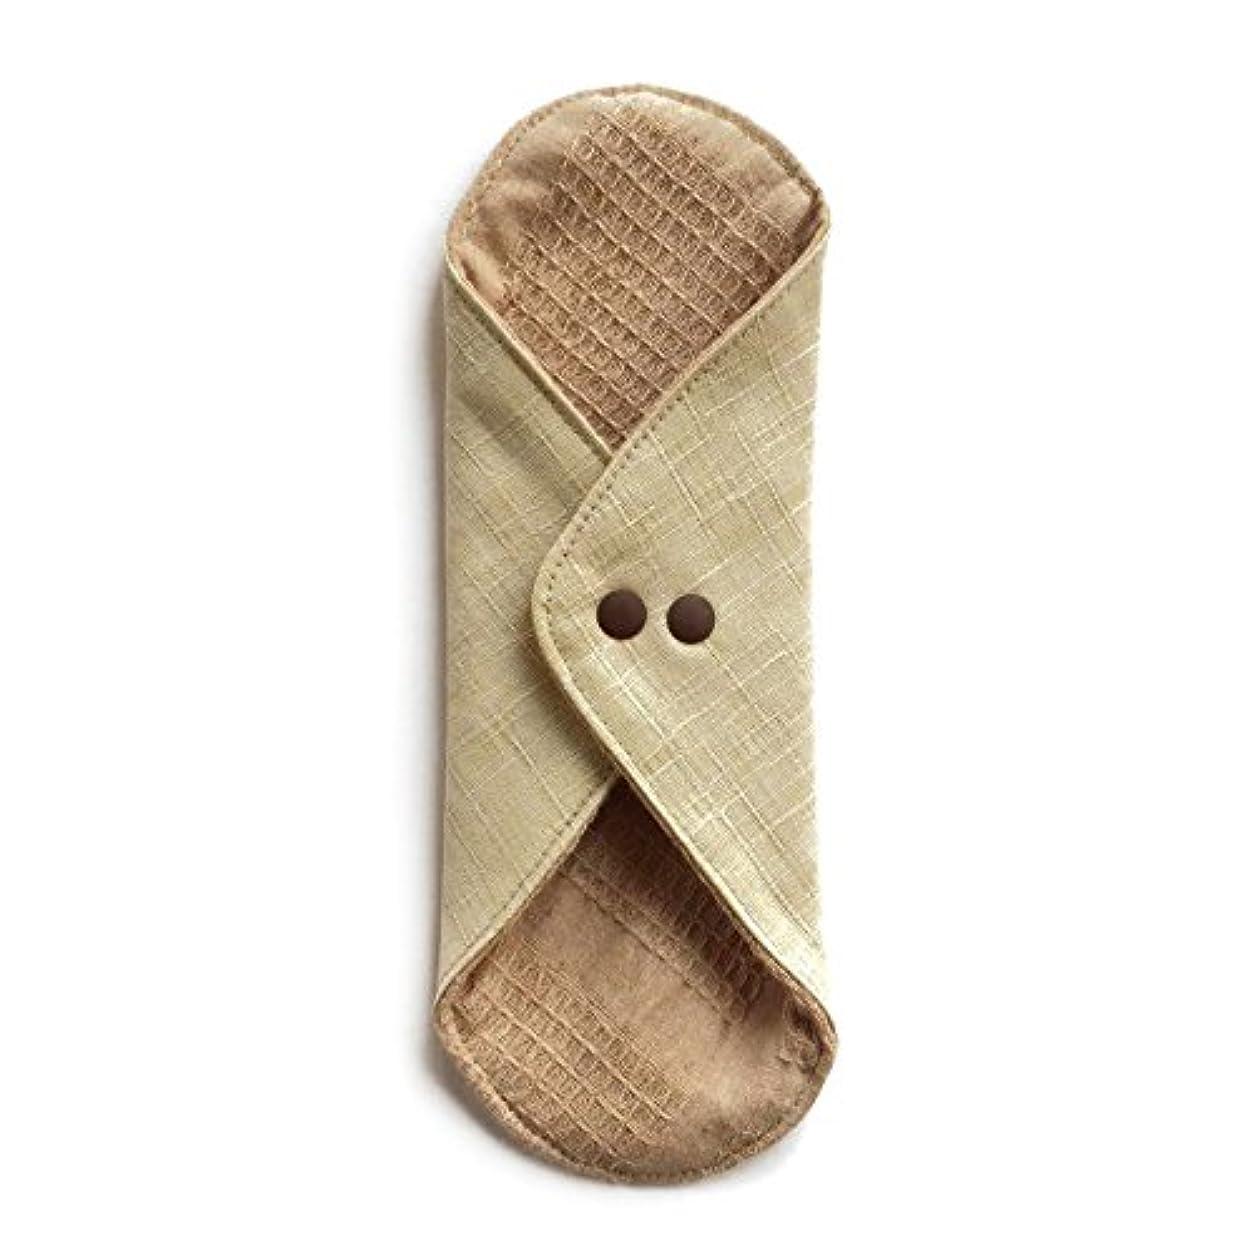 文字はげアンドリューハリディ華布のオーガニックコットンのあたため布 Lサイズ (約18×約20.5×約0.5cm) 彩り(百合)